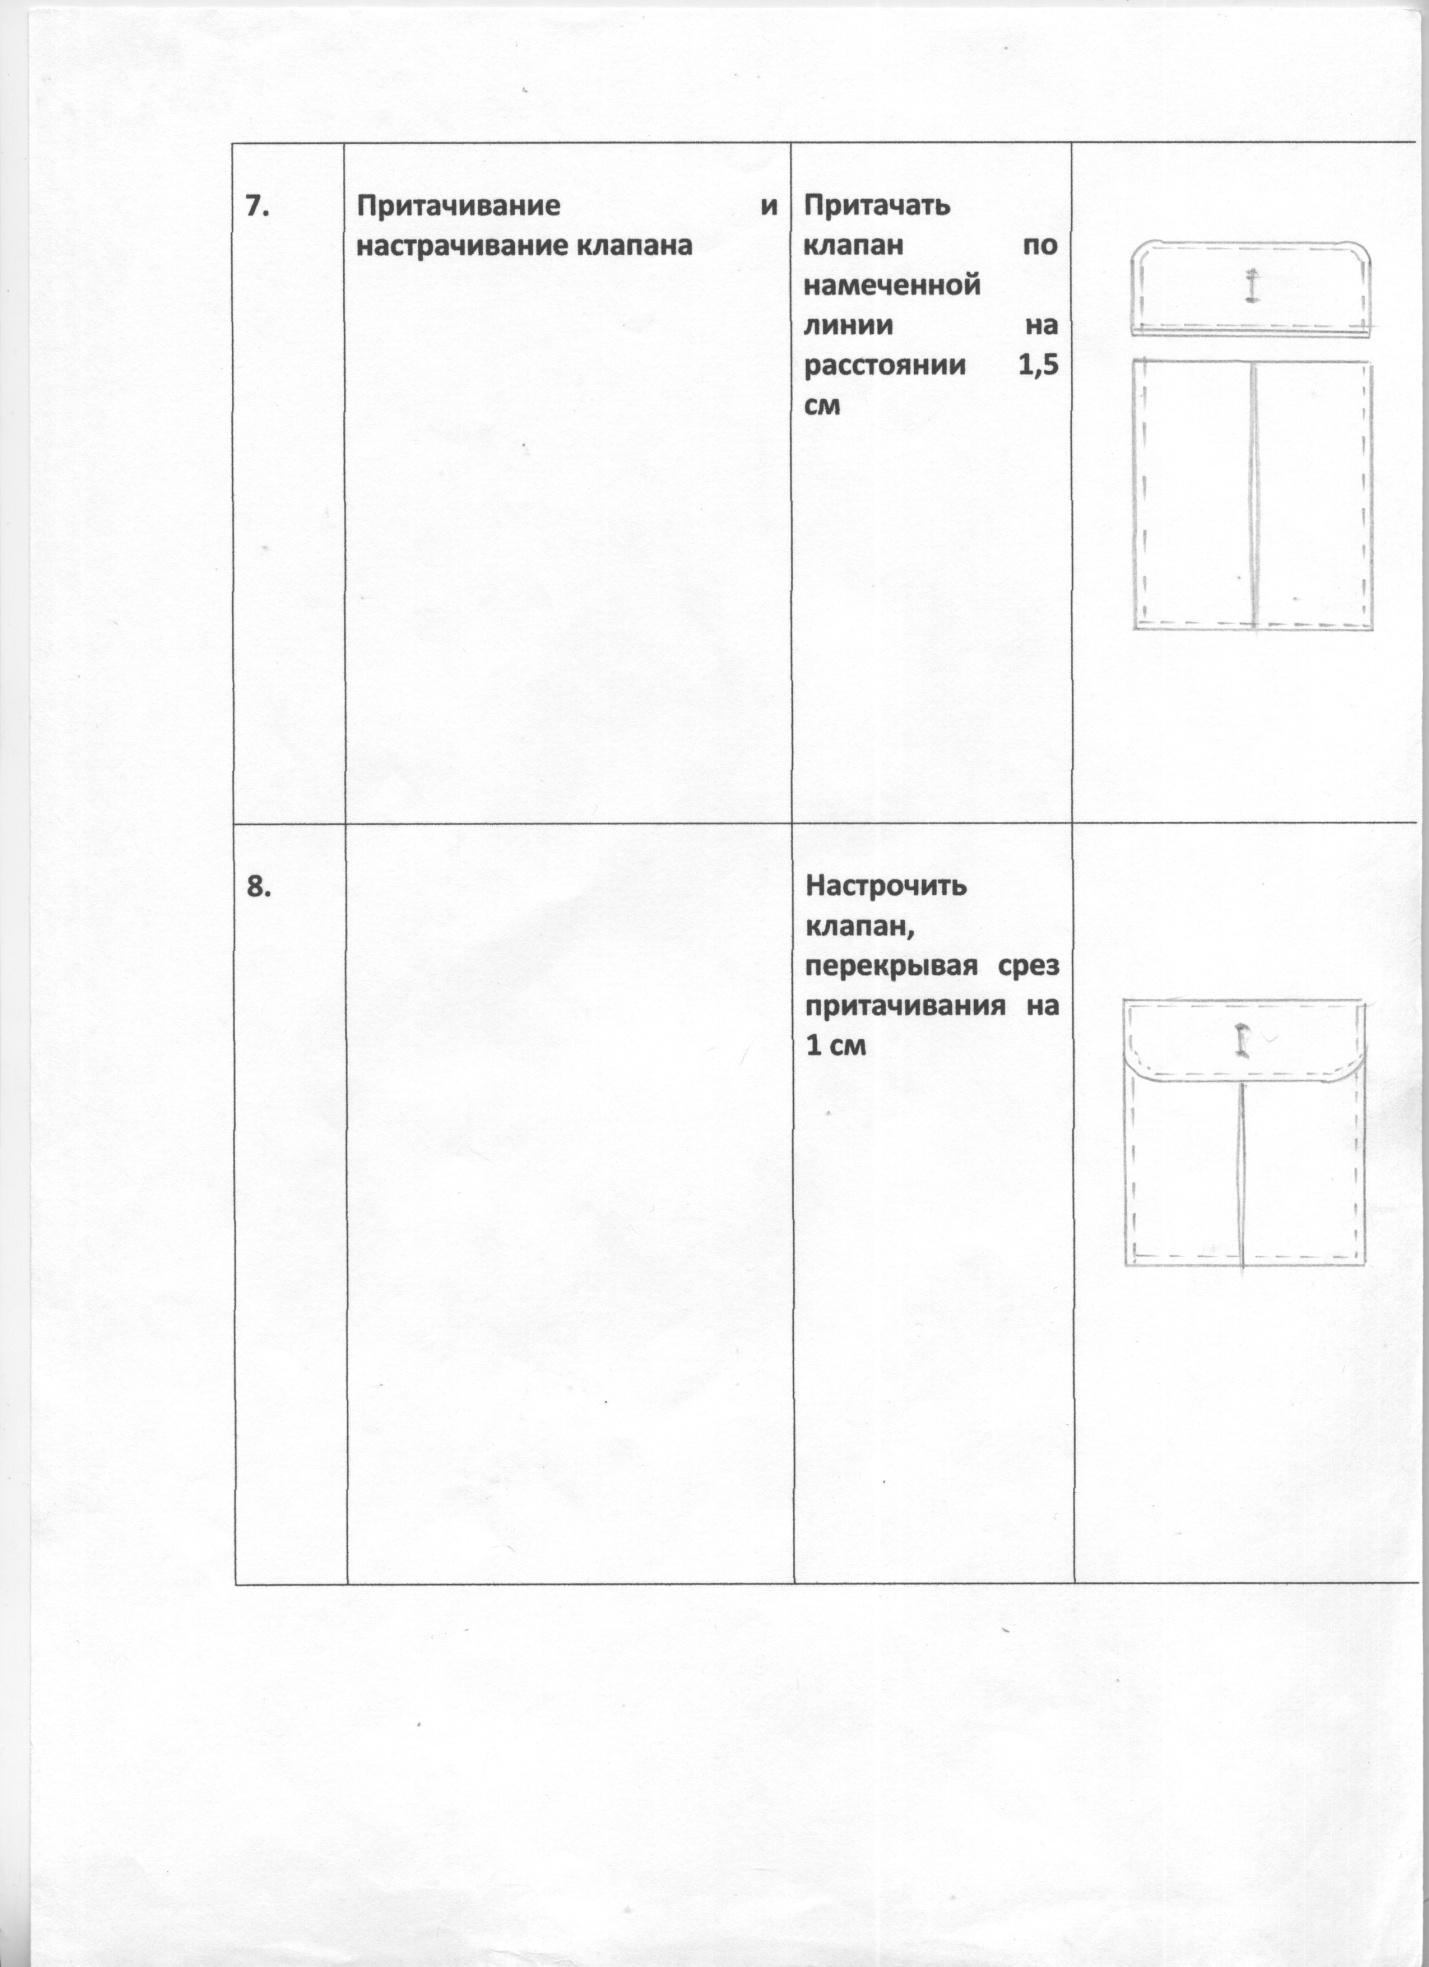 J:\Пакет экзамен.билетов 9кл\Технологические карты\009.jpg